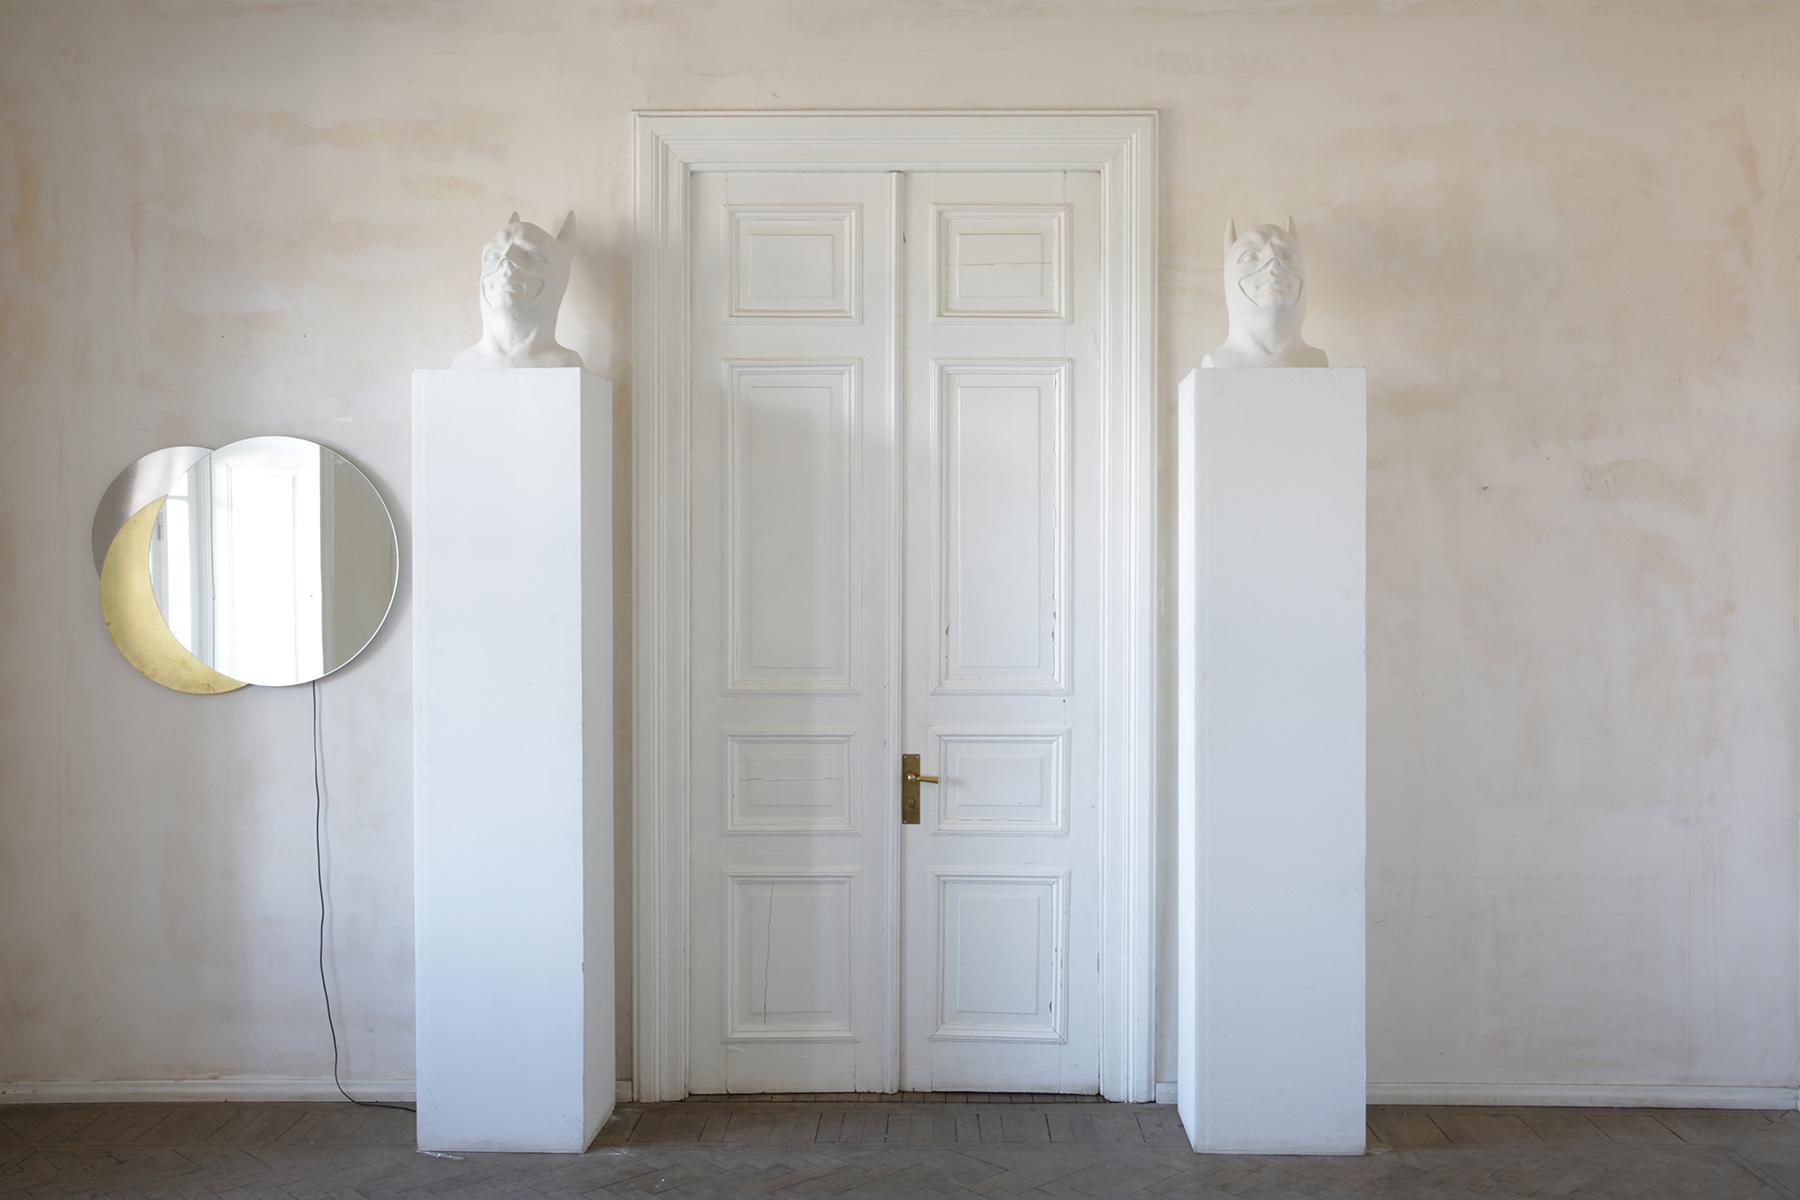 Грузинская эстетика студии Rooms (галерея 10, фото 1)